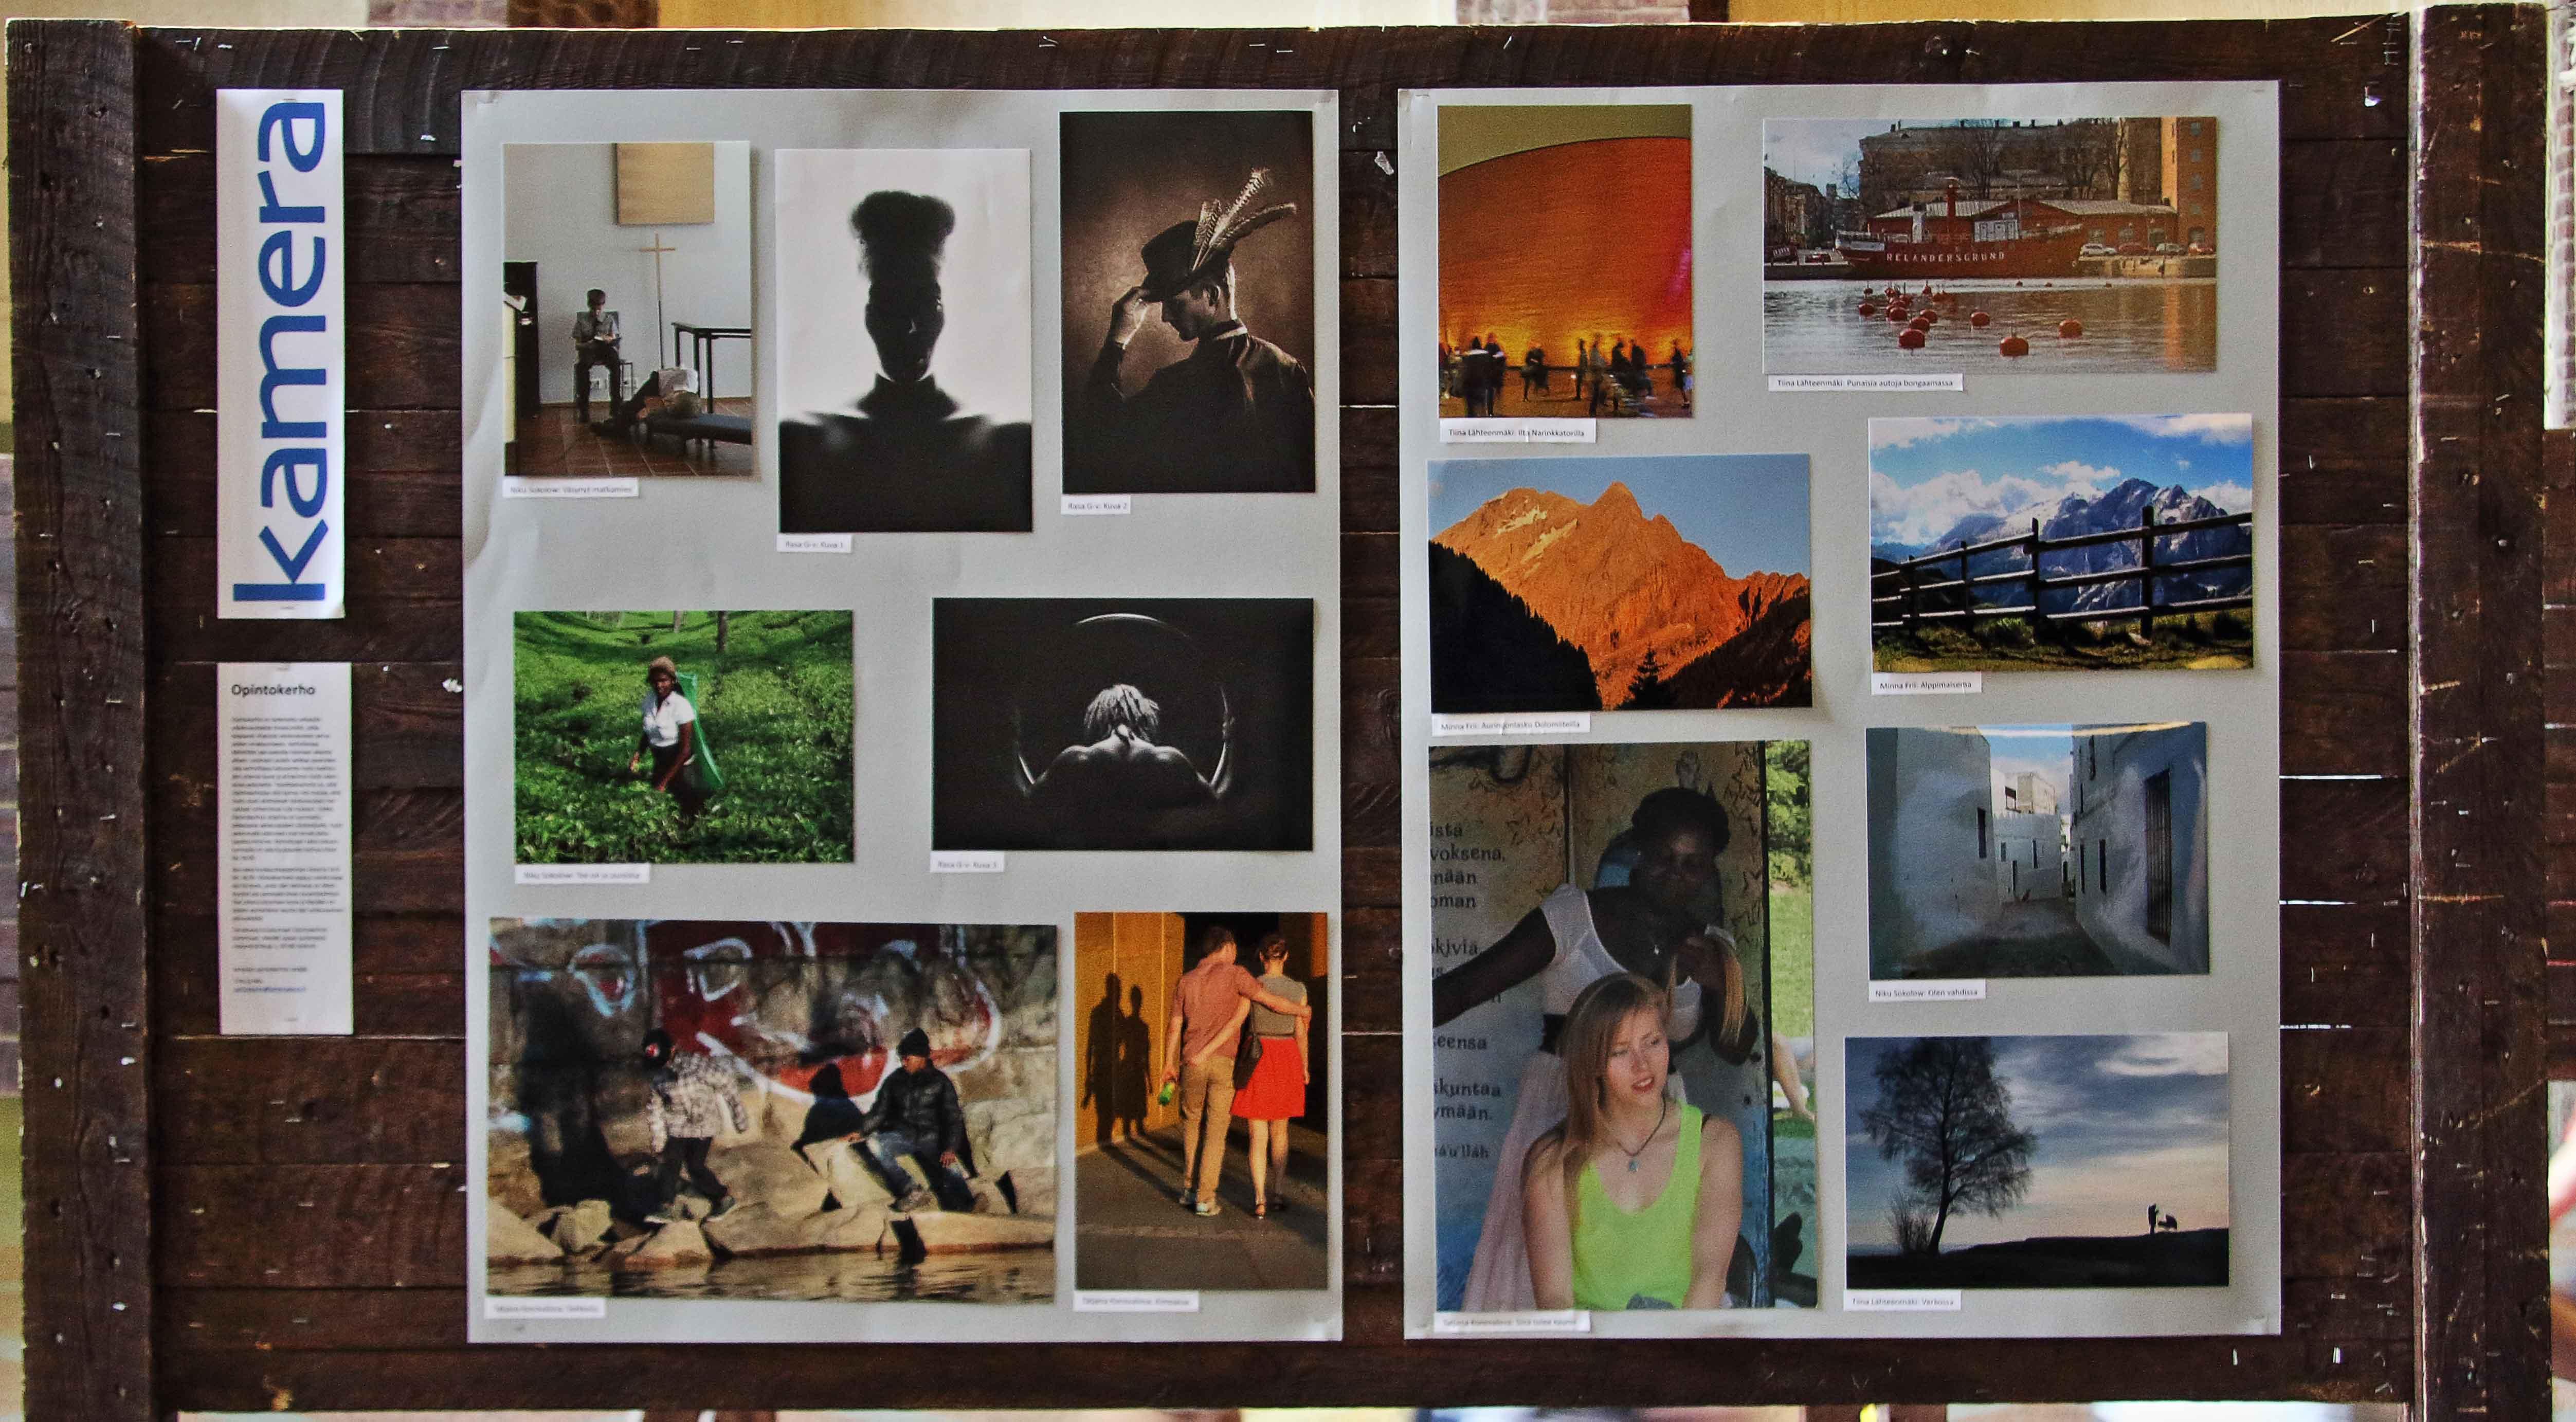 Opintokerhon kuvia AITA 2014 WALL-näyttelyssä. Kuva: Tiina Lähteenmäki